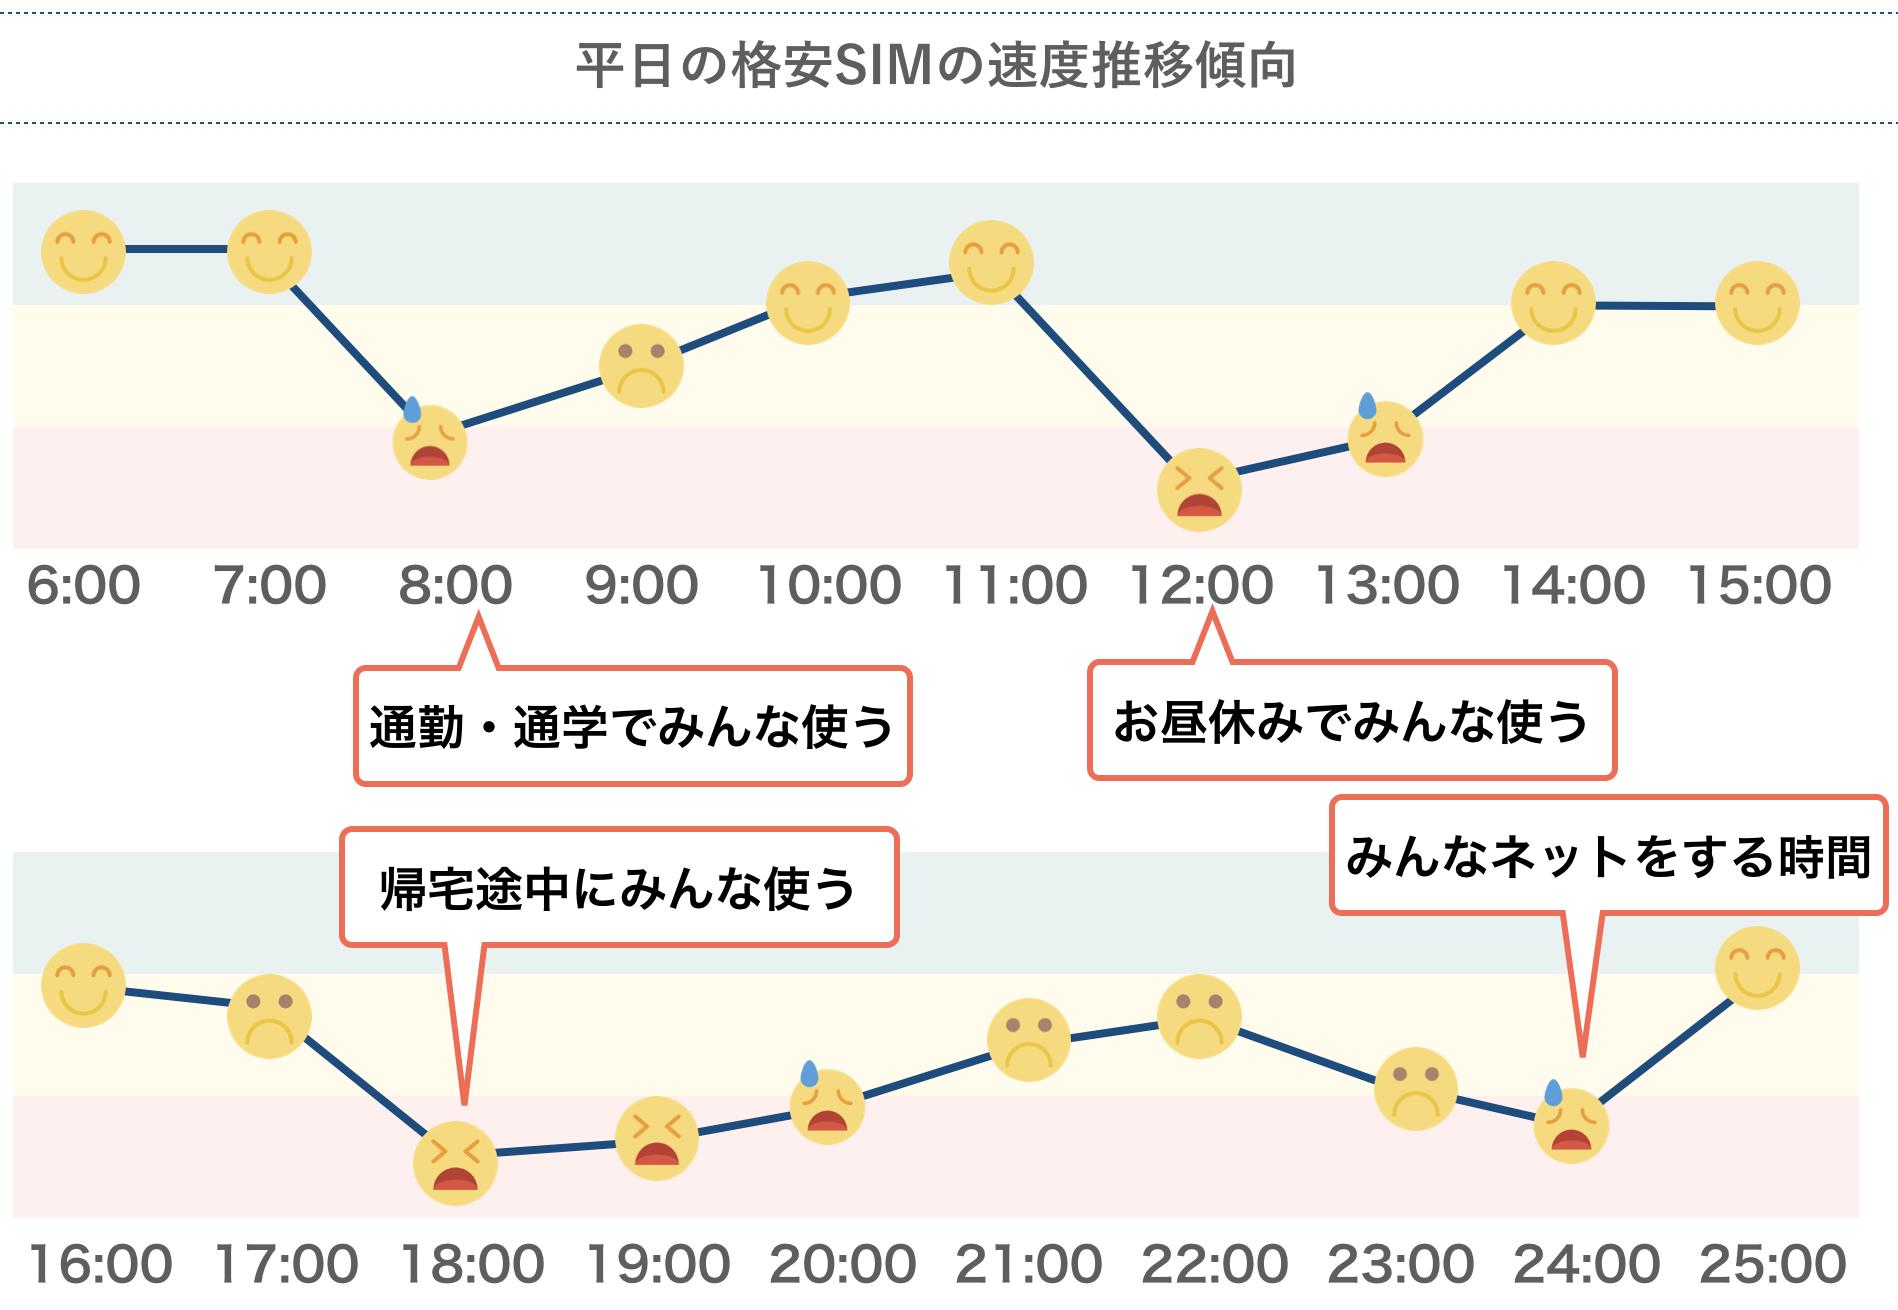 平日の格安SIMの速度推移傾向